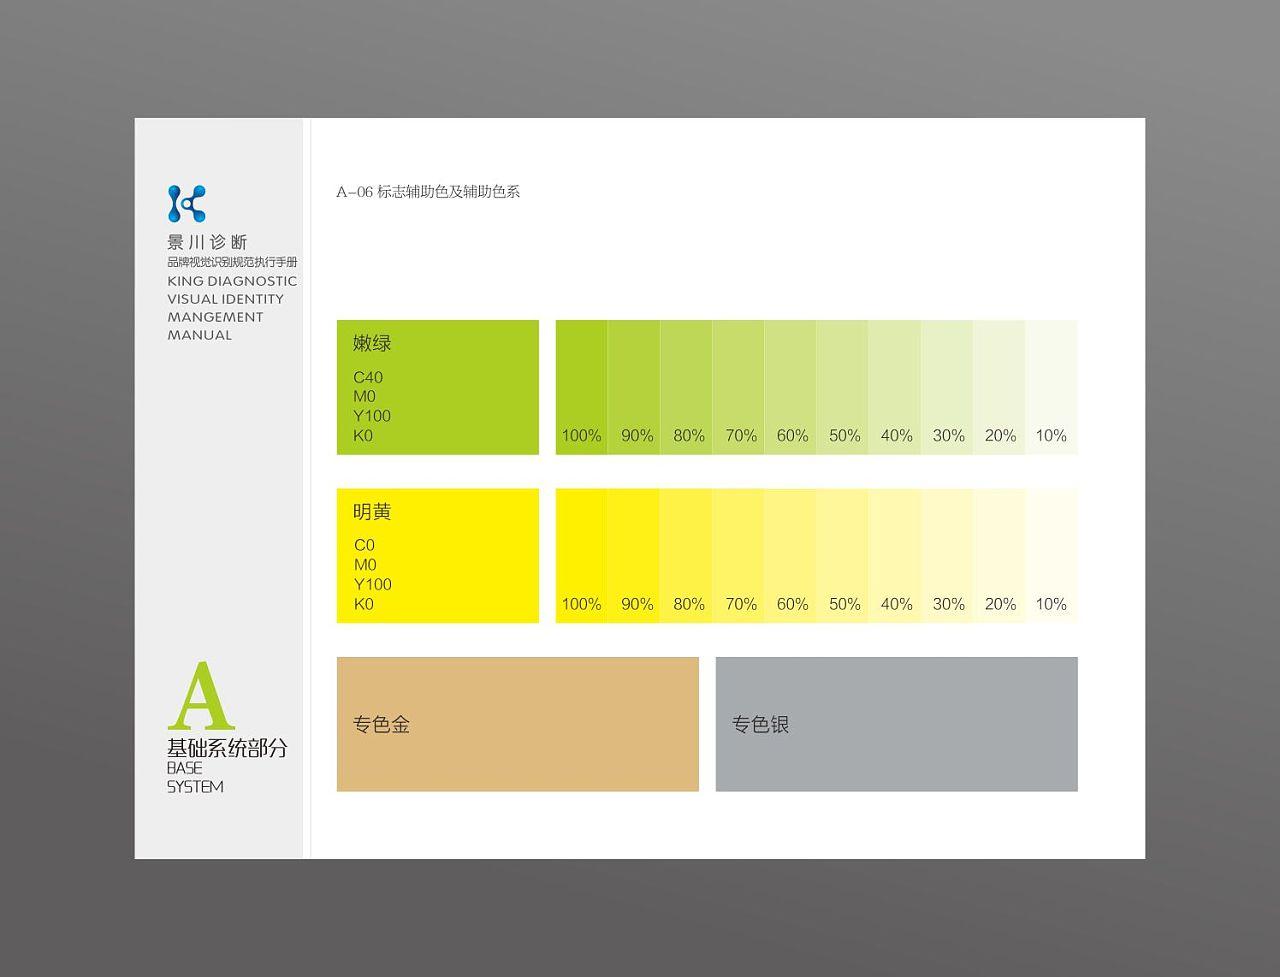 武汉景川诊断科技有限公司企业vi设计|平面|品牌|邦盟图片